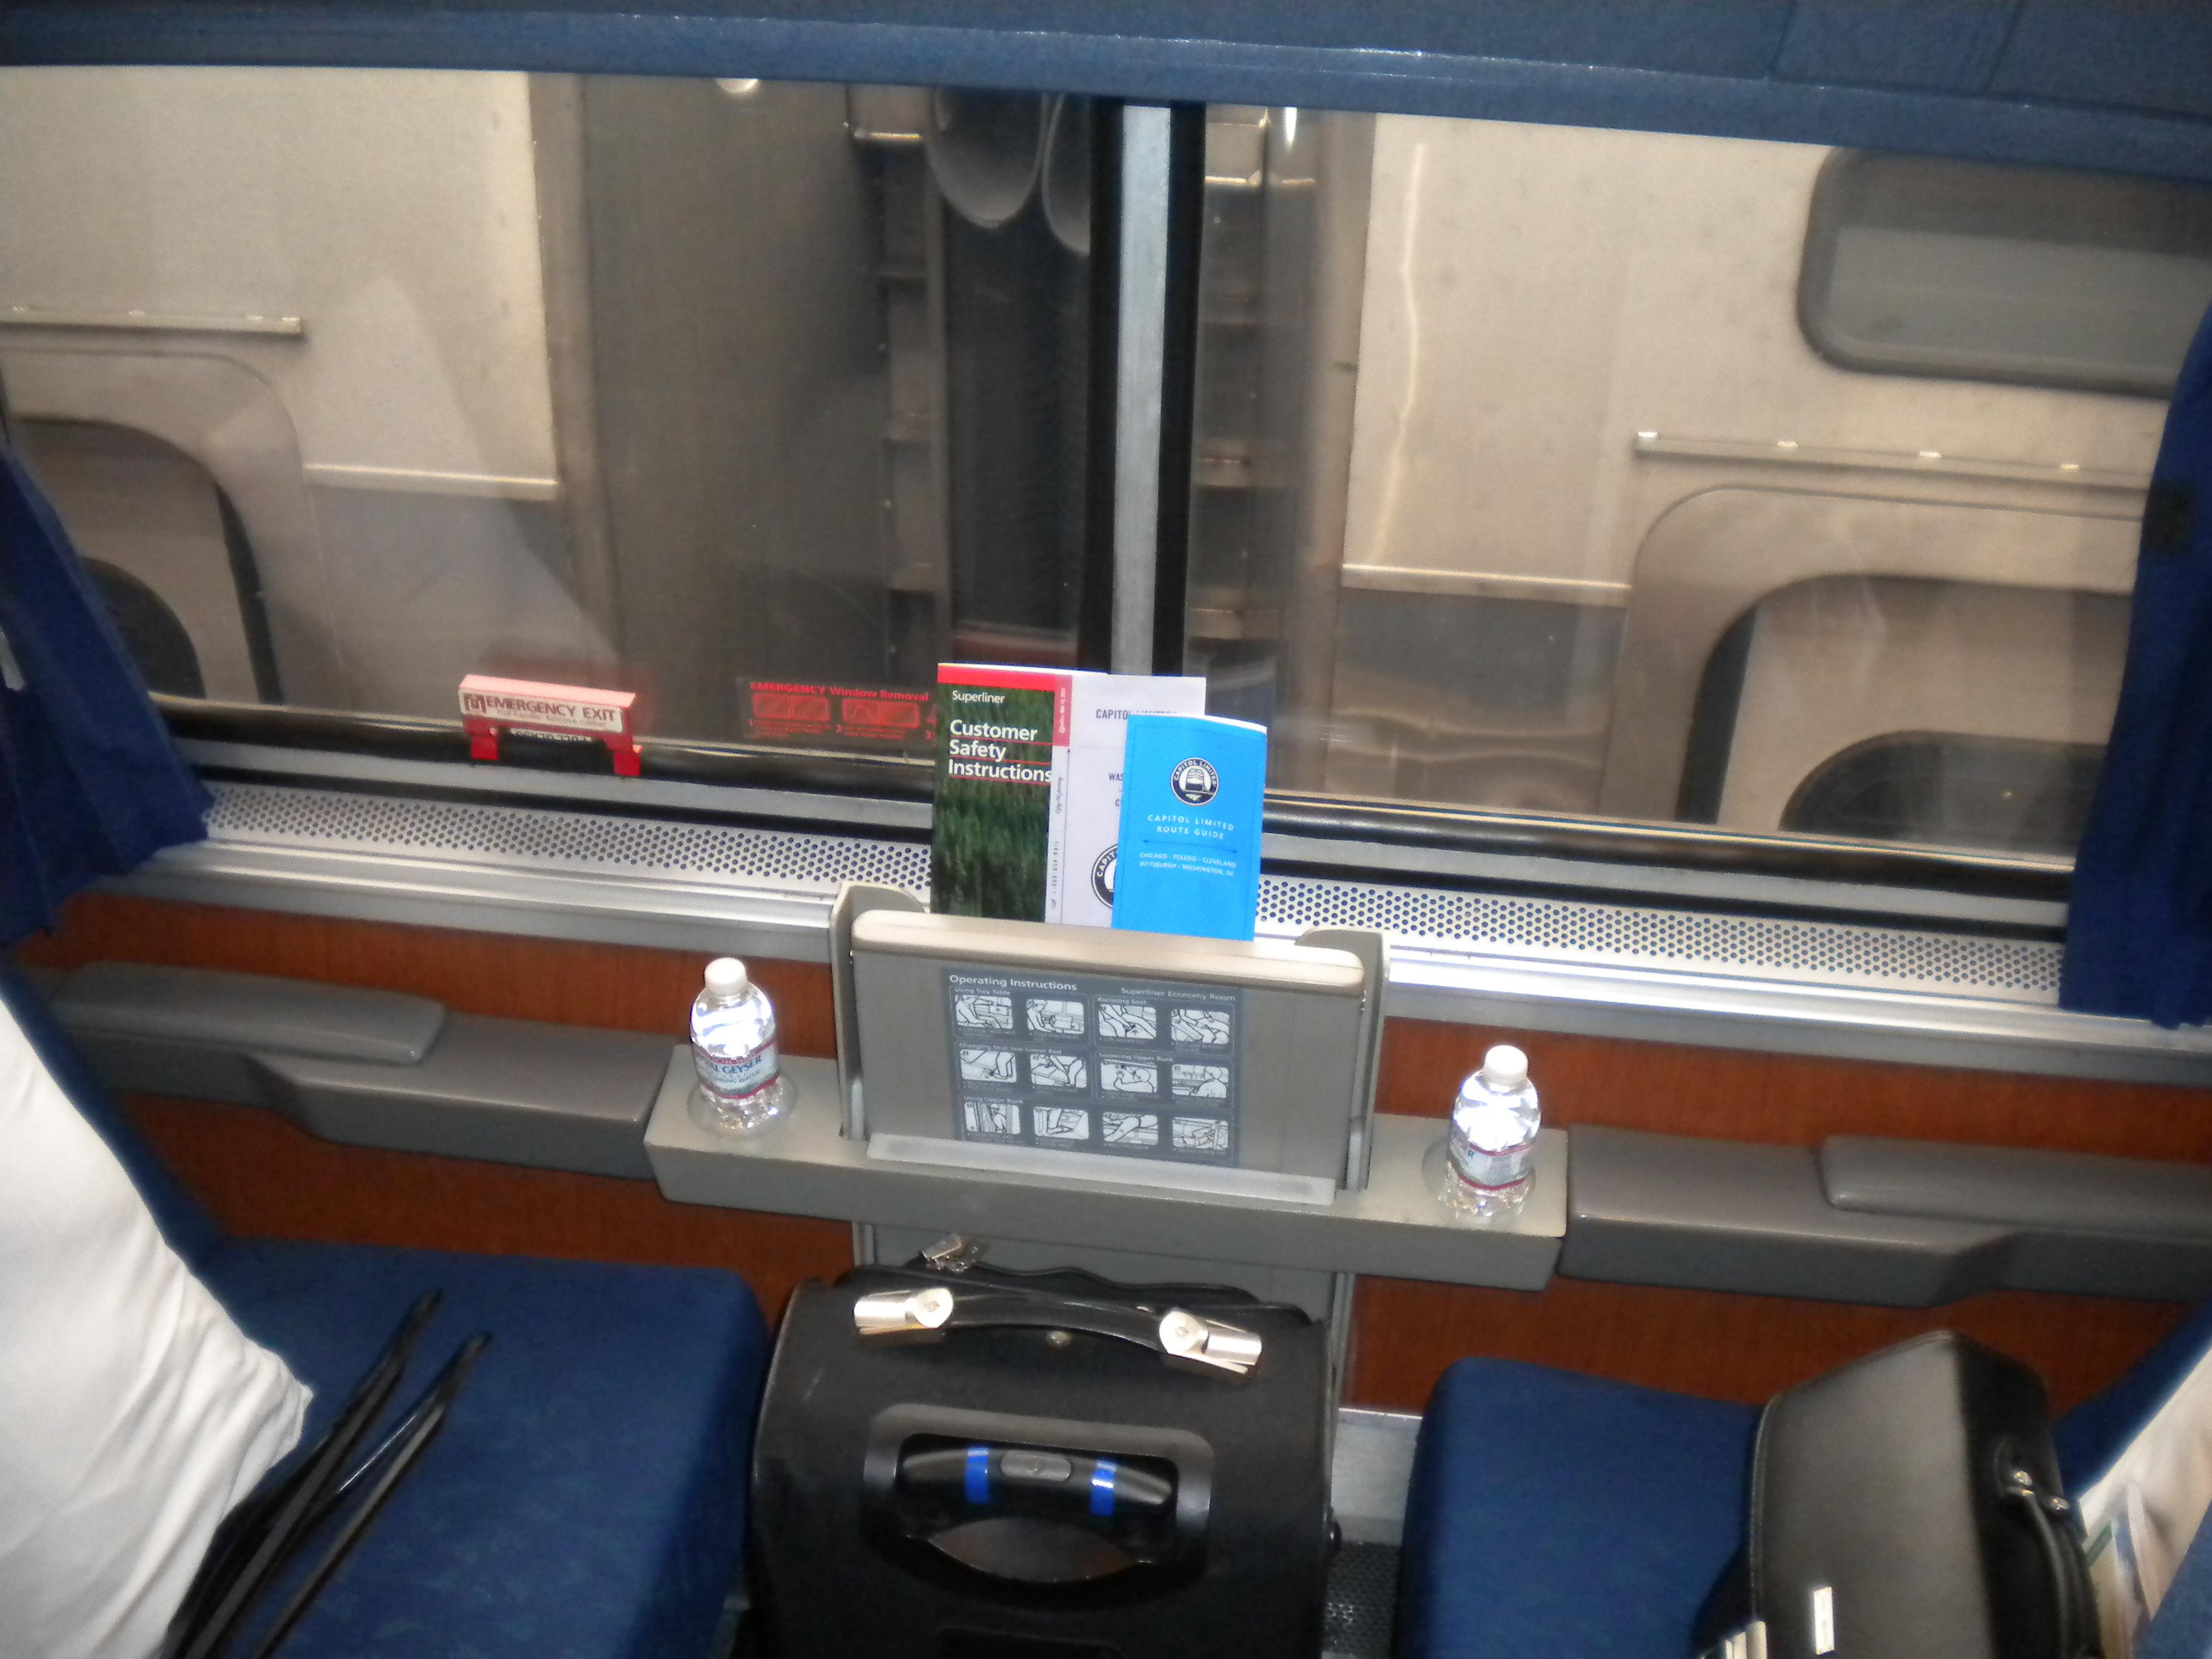 Amtrak Train Roomette Superliner Roomette Center